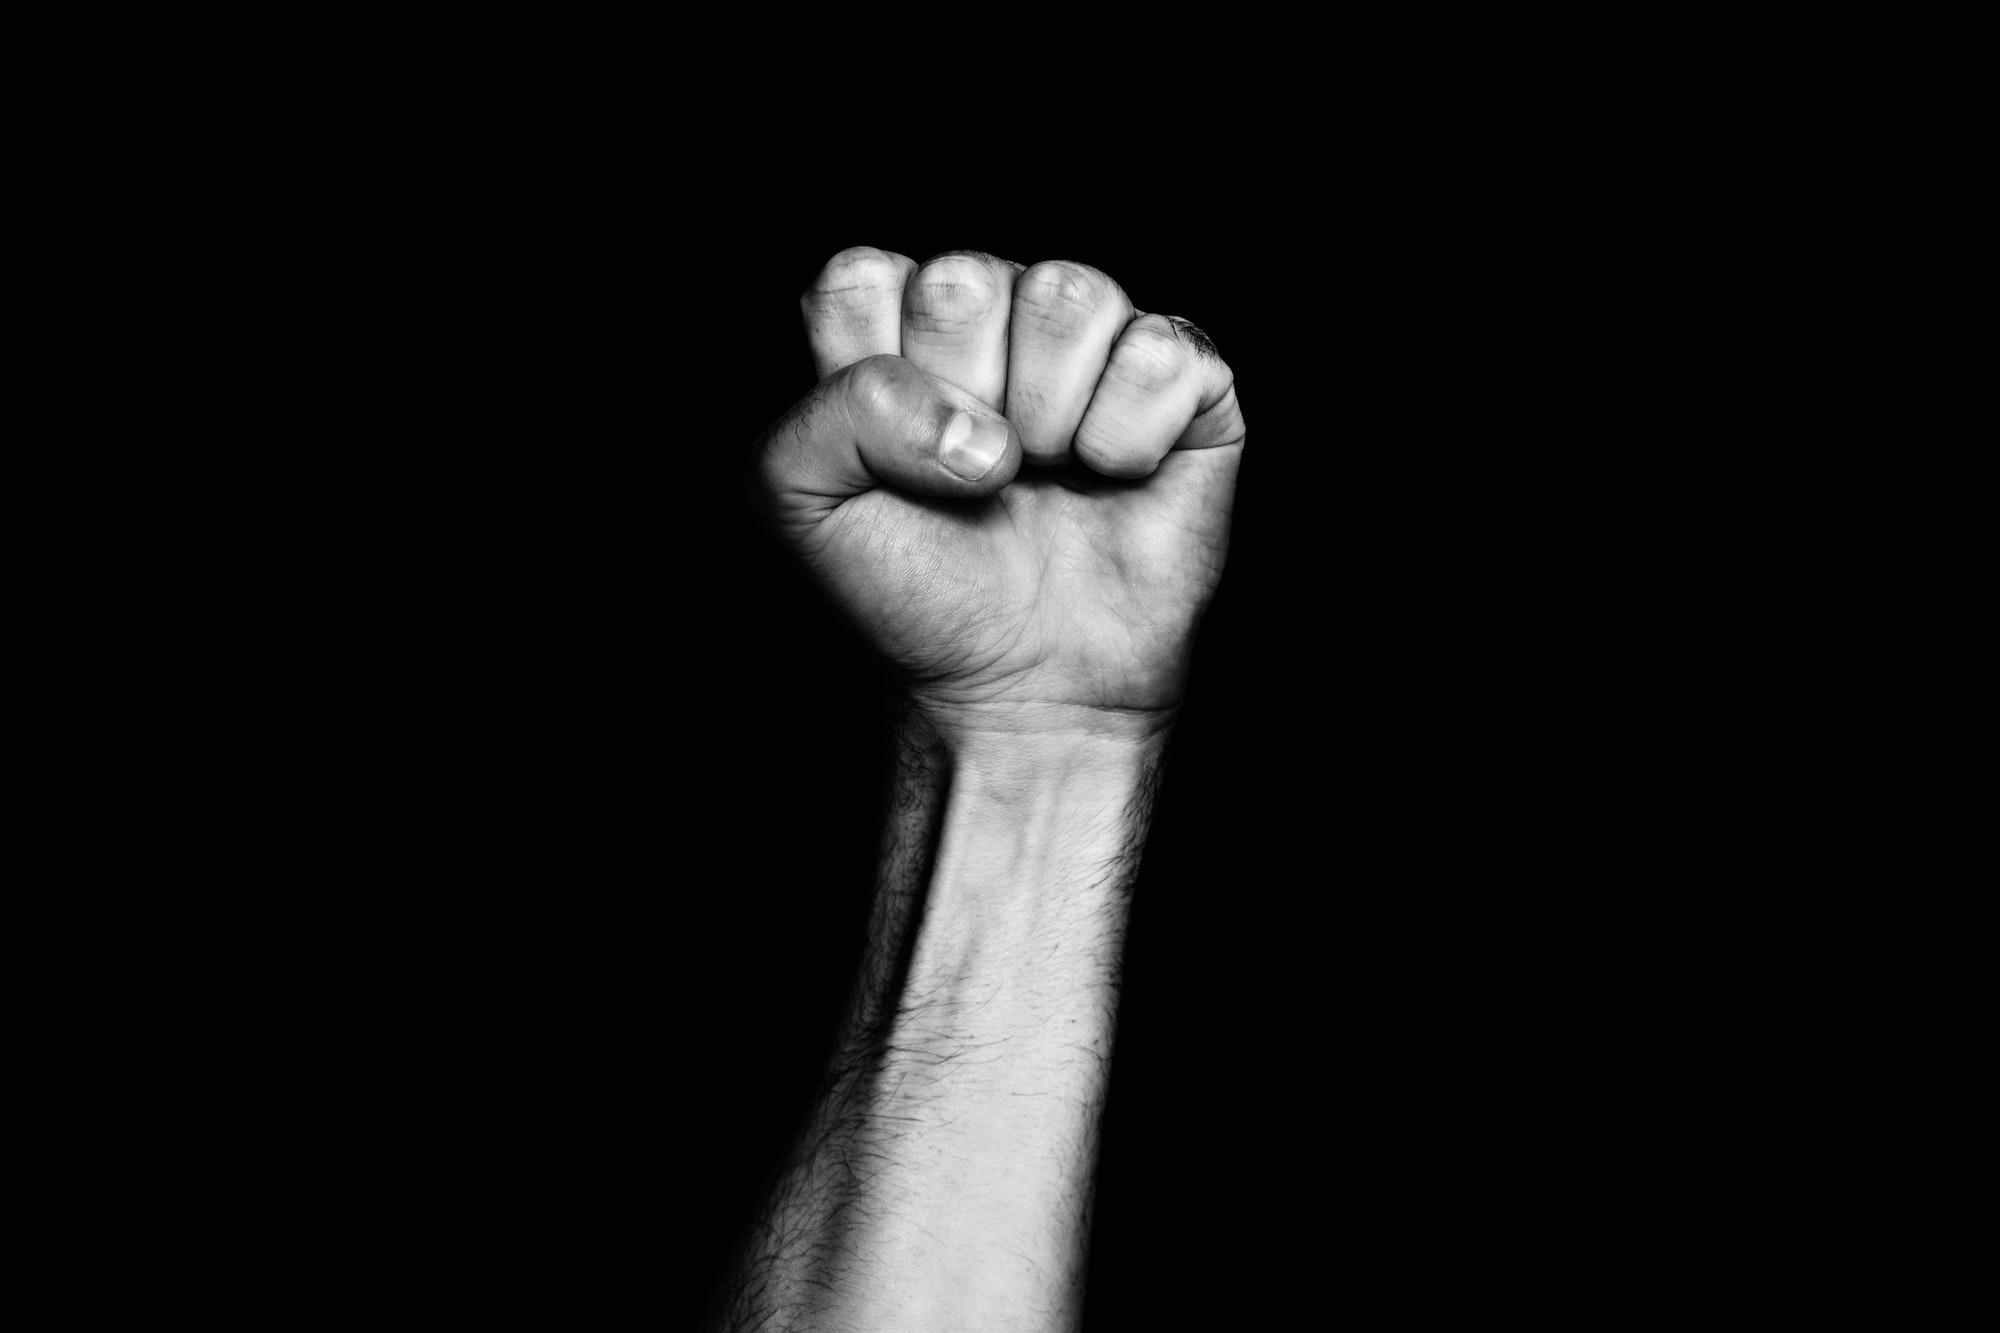 הקשר בין הספר דירה להשכיר לבין גזענות | פרופ' יובל אלבשן